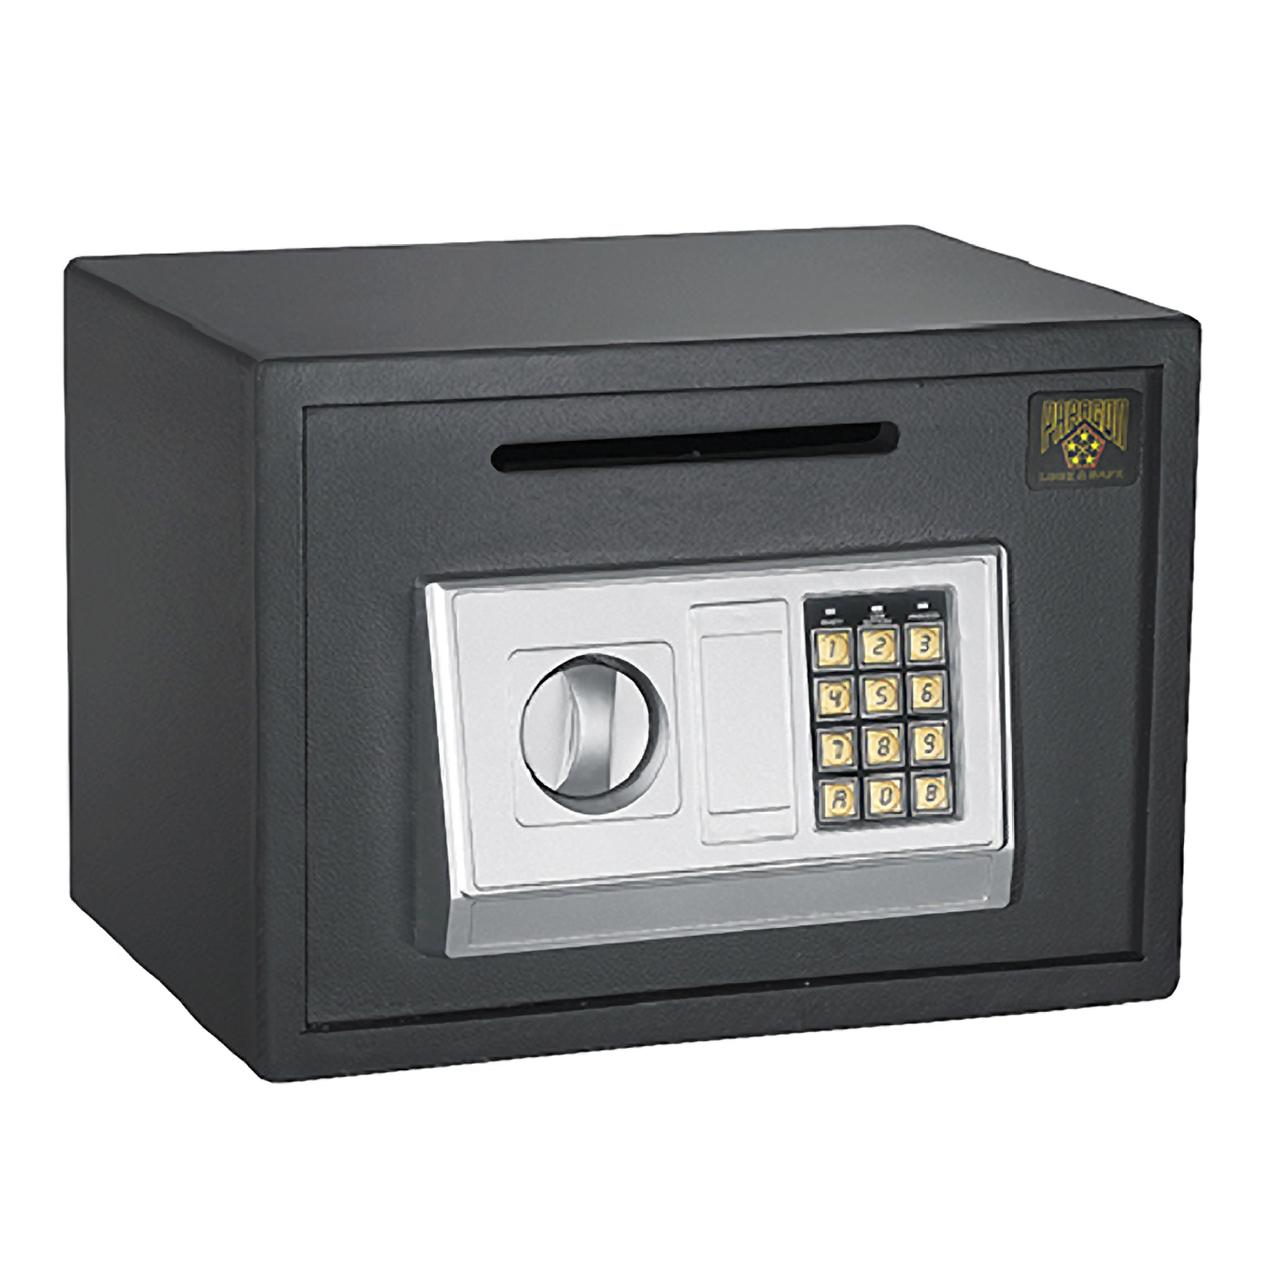 paragon lock safe digital depository safe cash drop safes heavy duty secure ebay. Black Bedroom Furniture Sets. Home Design Ideas